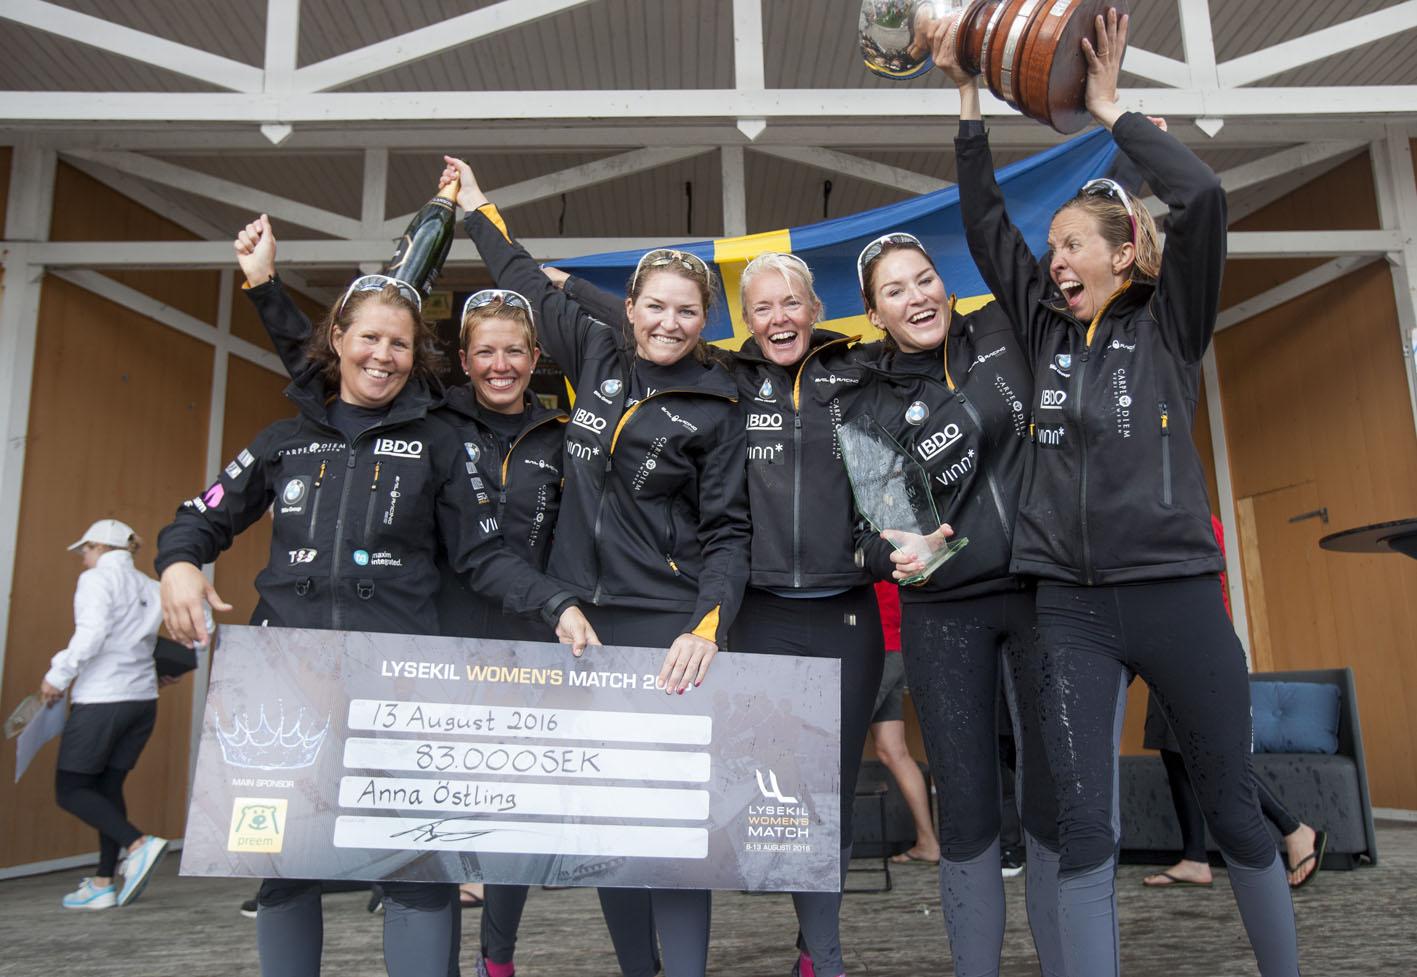 lysekil women The 2015 women's international match racing series was a series of match racing sailing regattas staged during 2015 season regattas lysekil women's match.